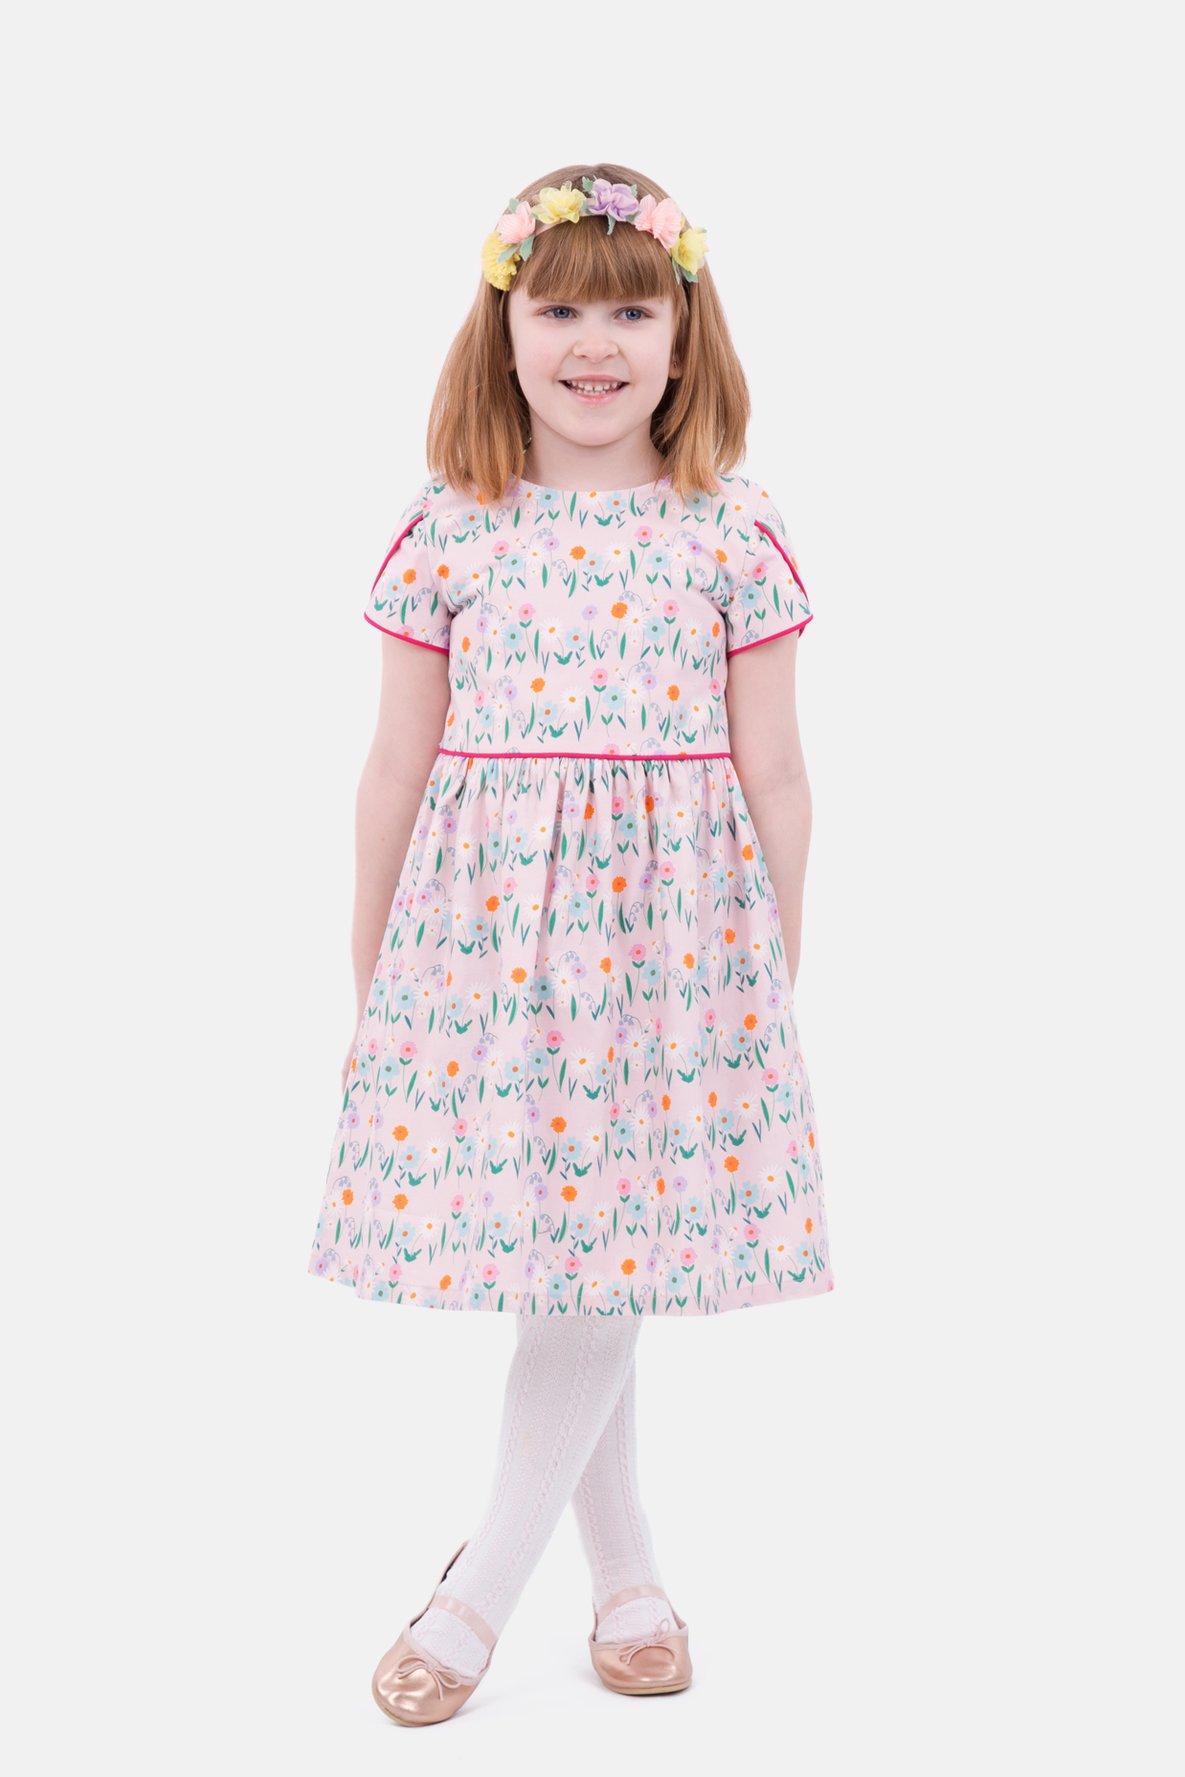 Schnittmuster für das Kinderkleid